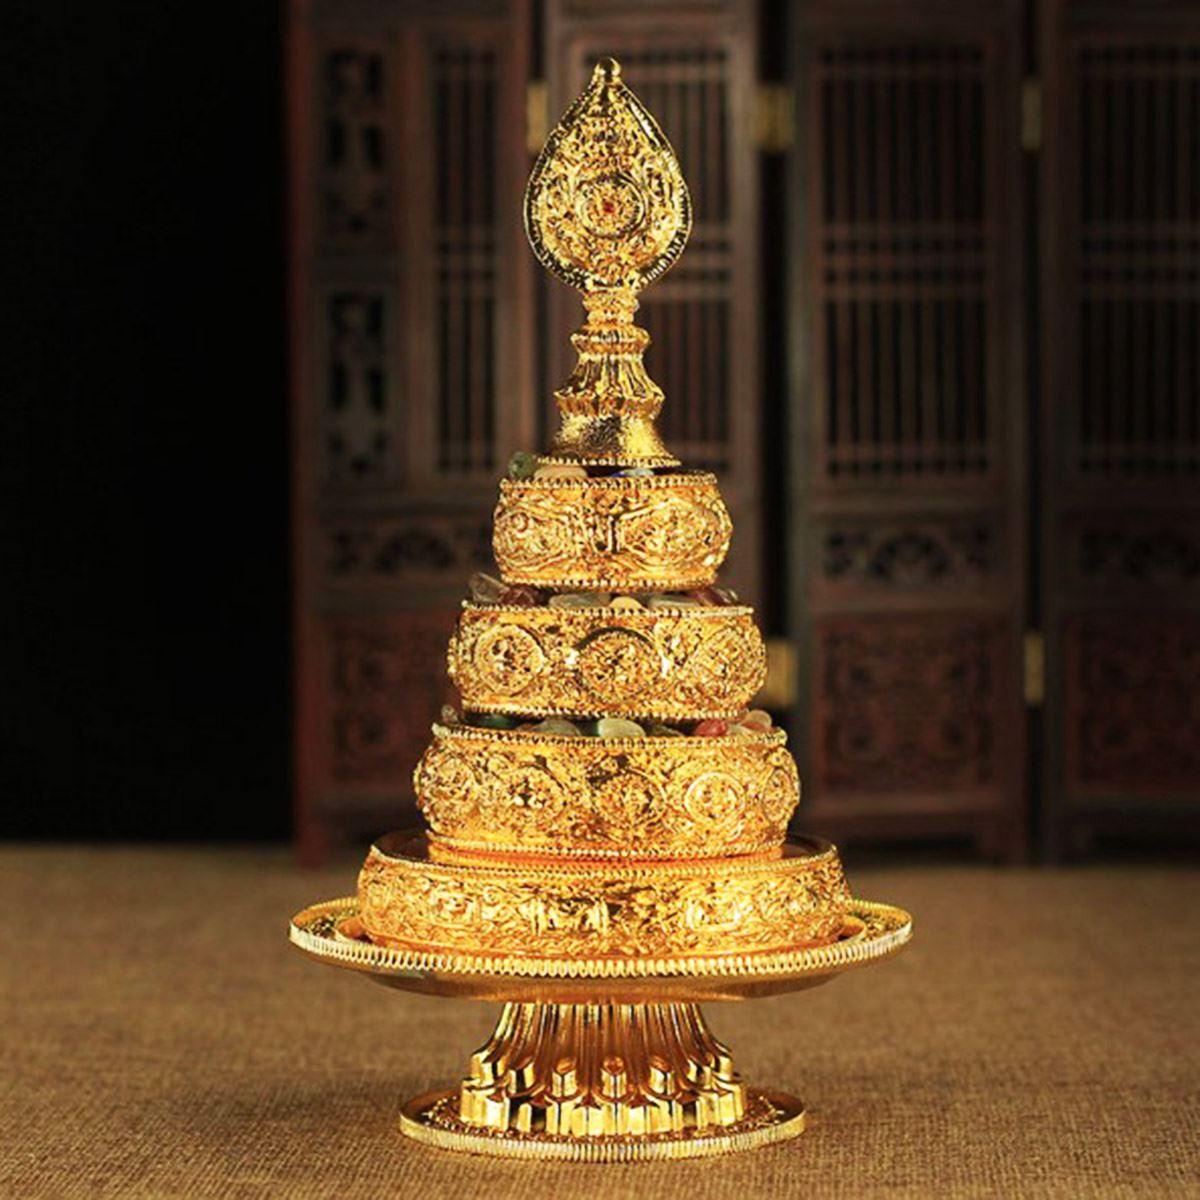 Buddhistischen Altar-kaufen Billigbuddhistischen Altar Partien Aus ... Buddhistischer Altar Als Deko